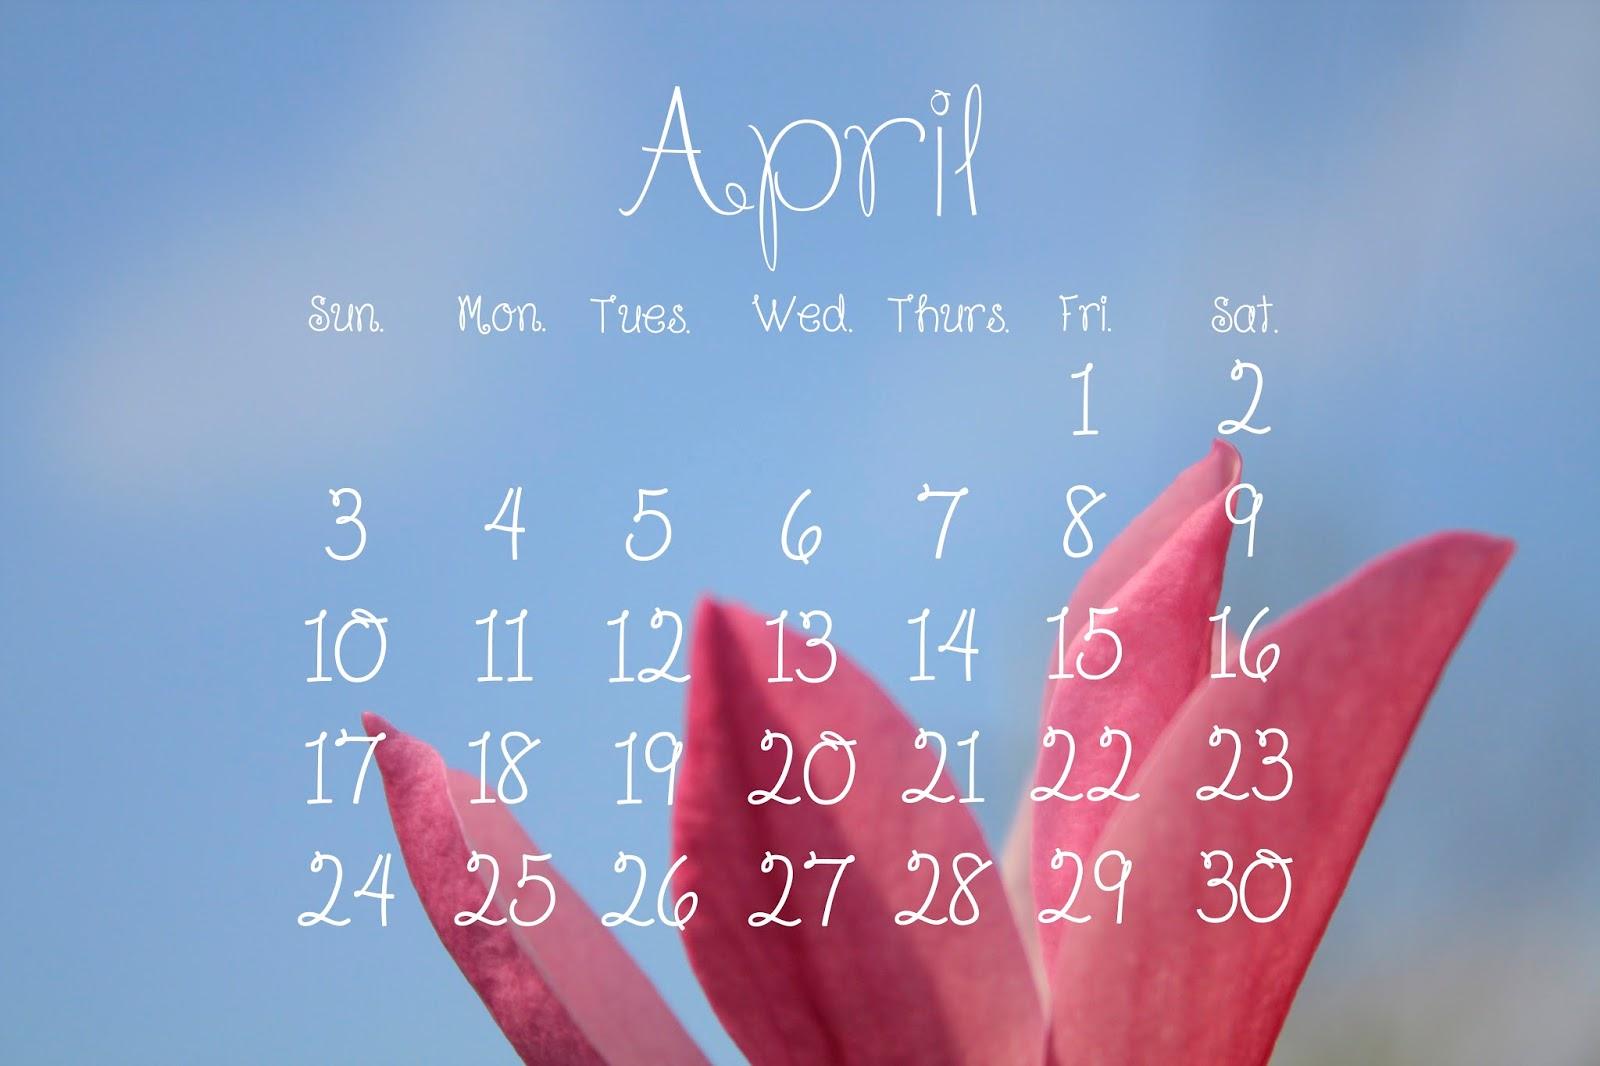 Desktop Calendar April 2016 unique desktop calendar april 2016 b in decor